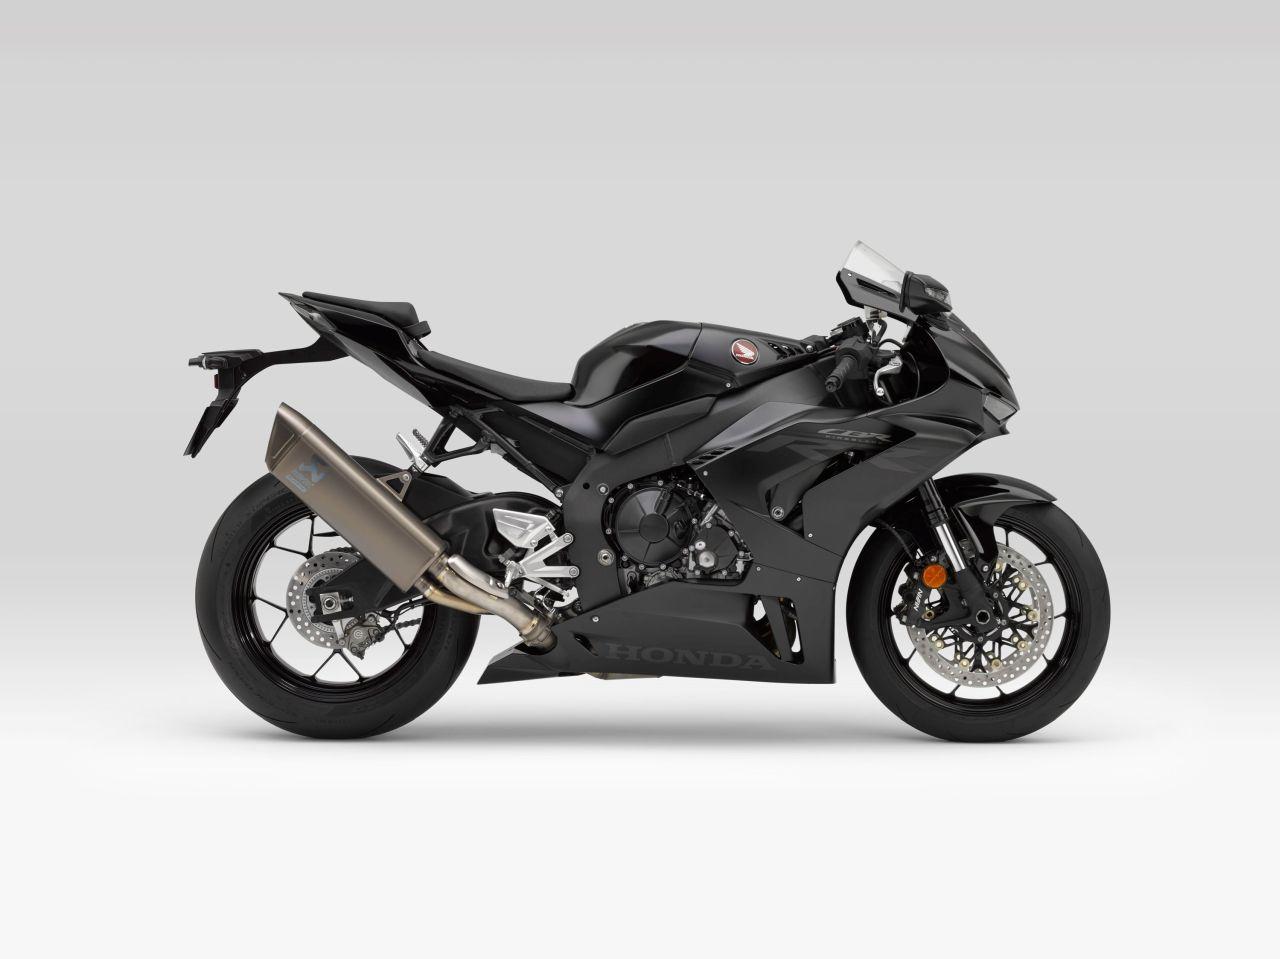 Exterior and Interior Honda Motorcycles New Models 2021